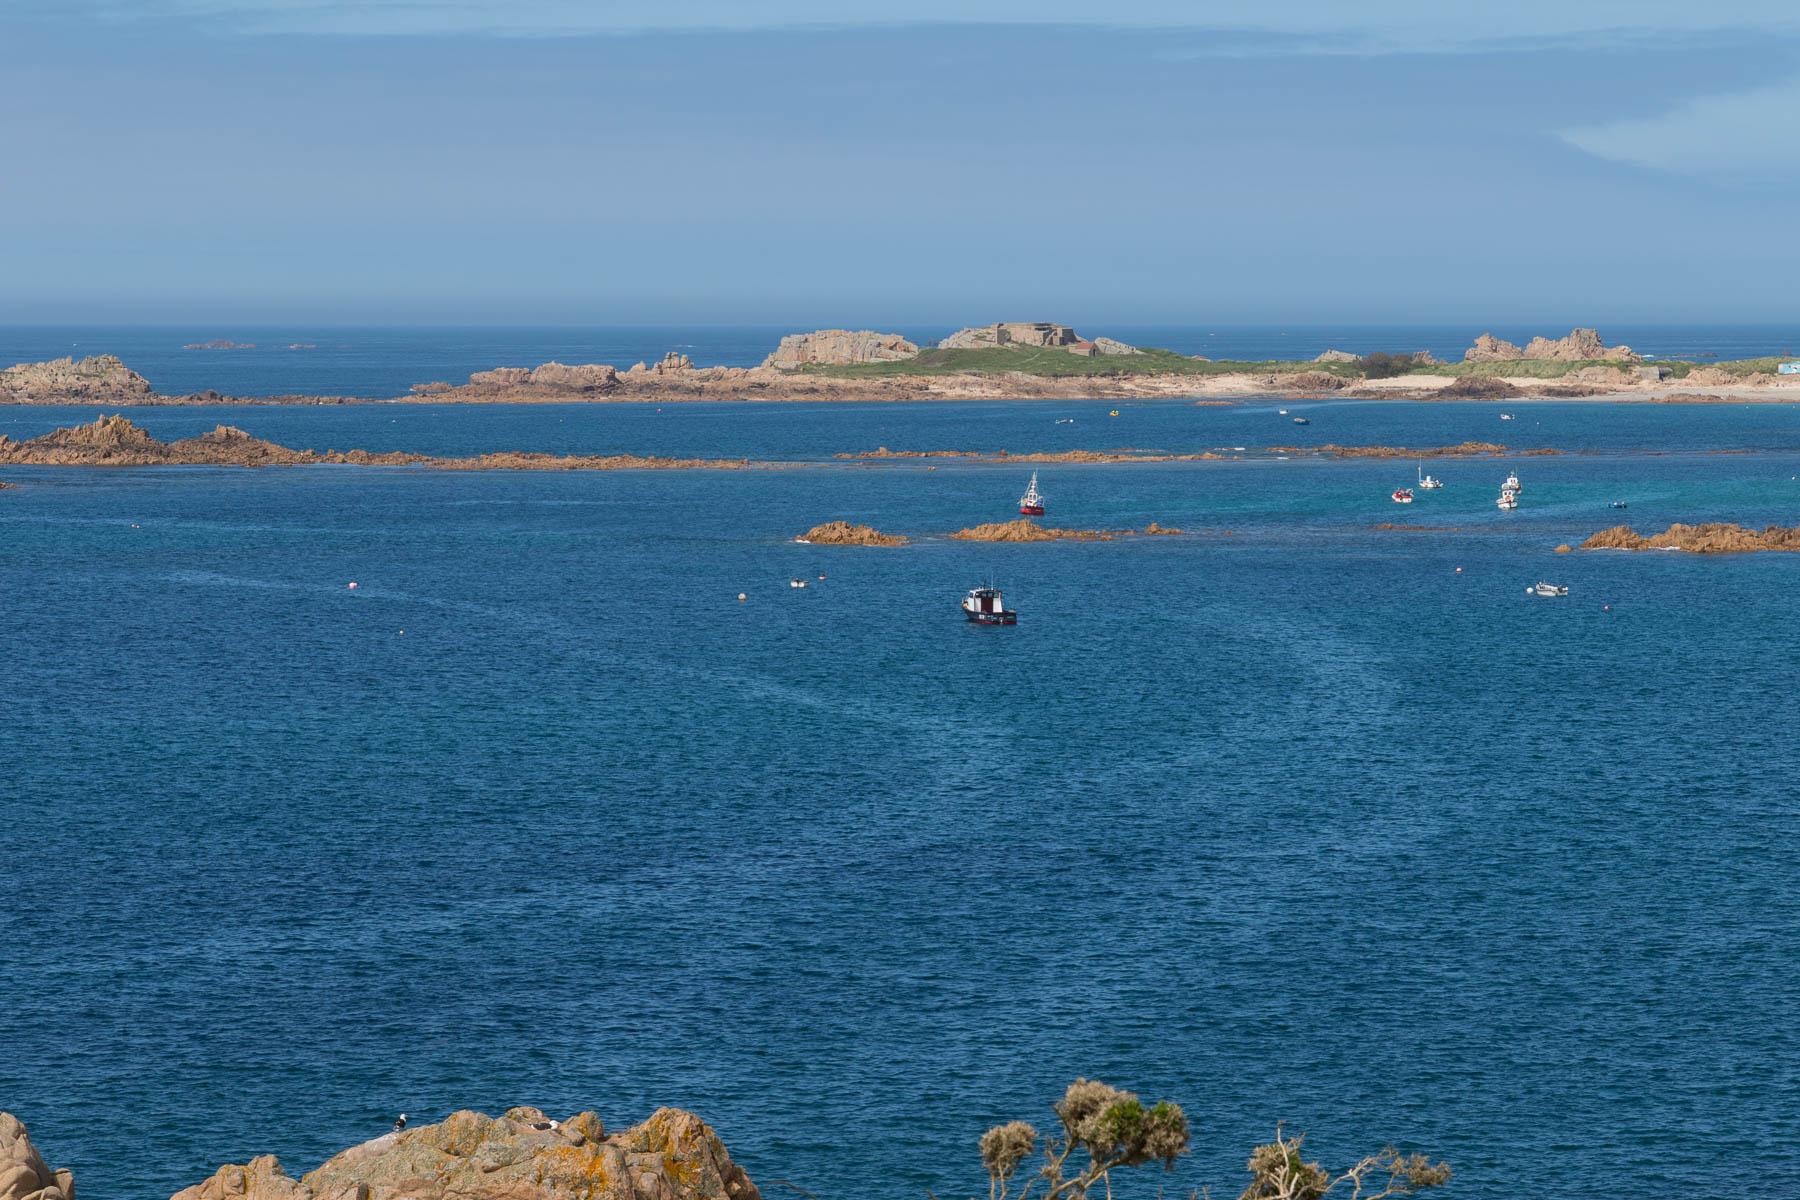 Cobo Bay, Guernsey